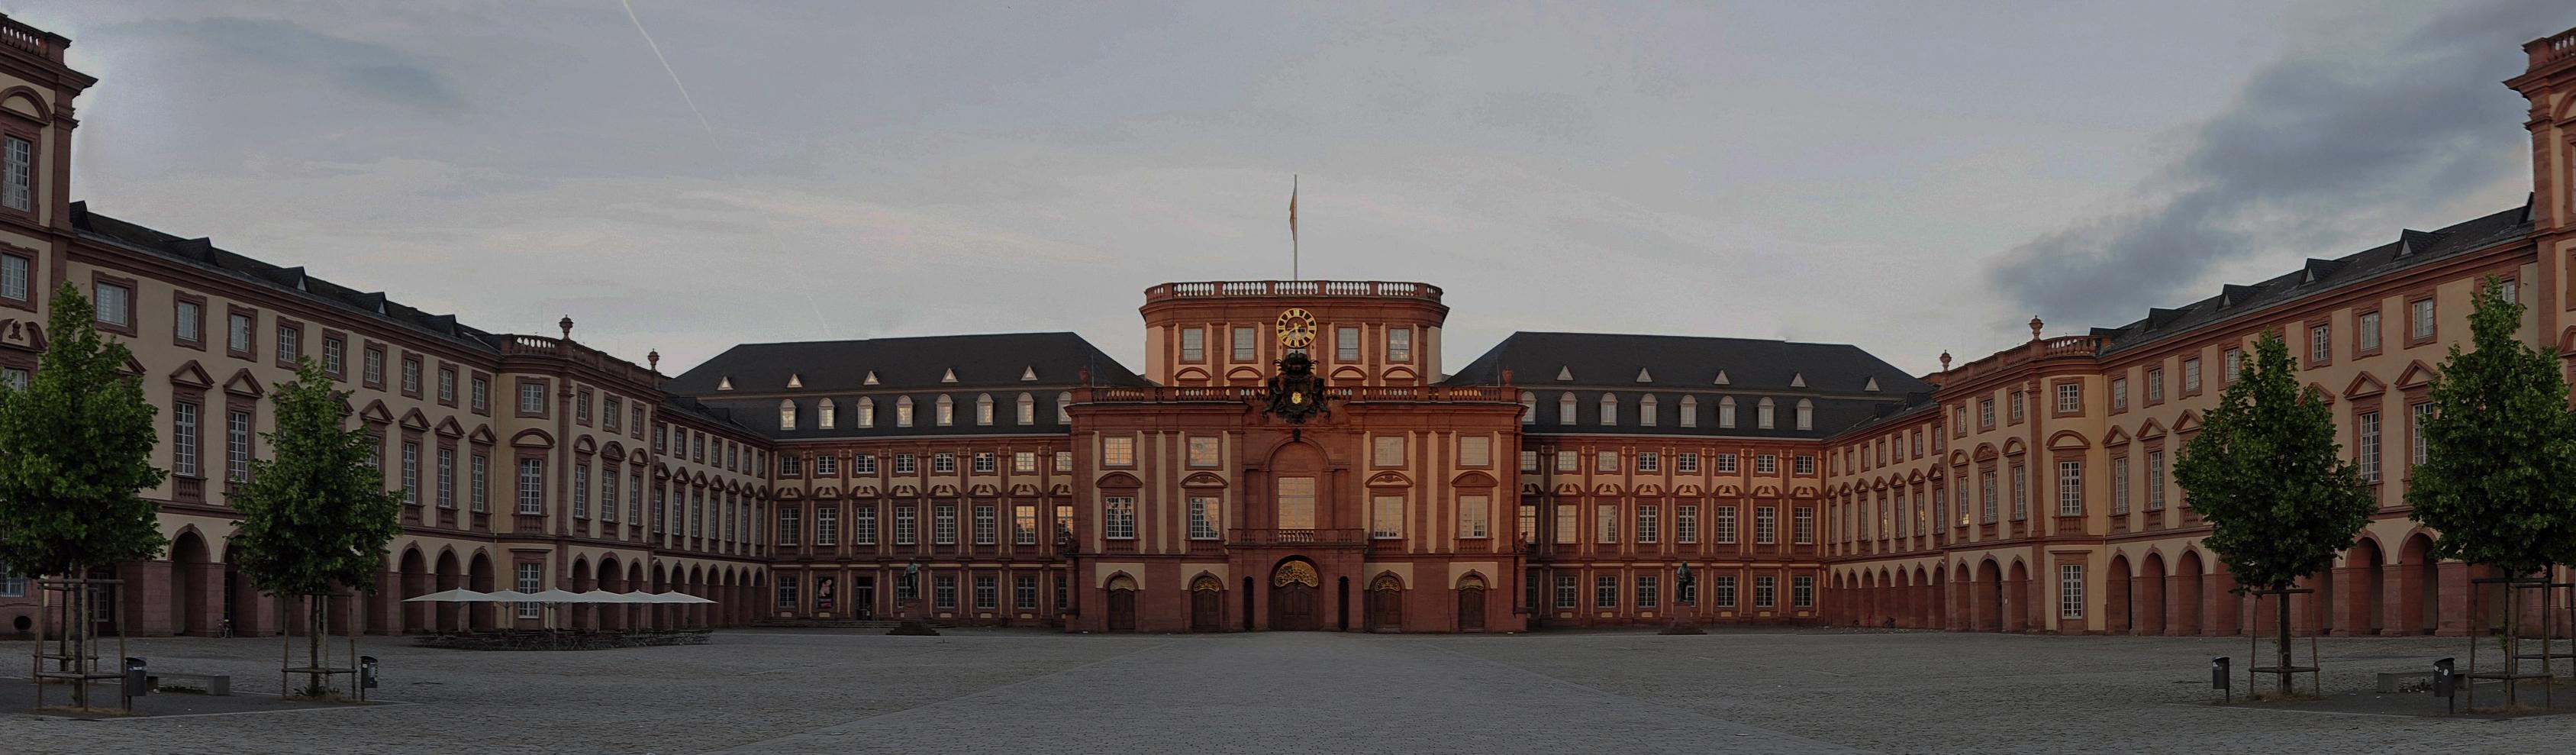 SchlossMannheim-Pano-130616